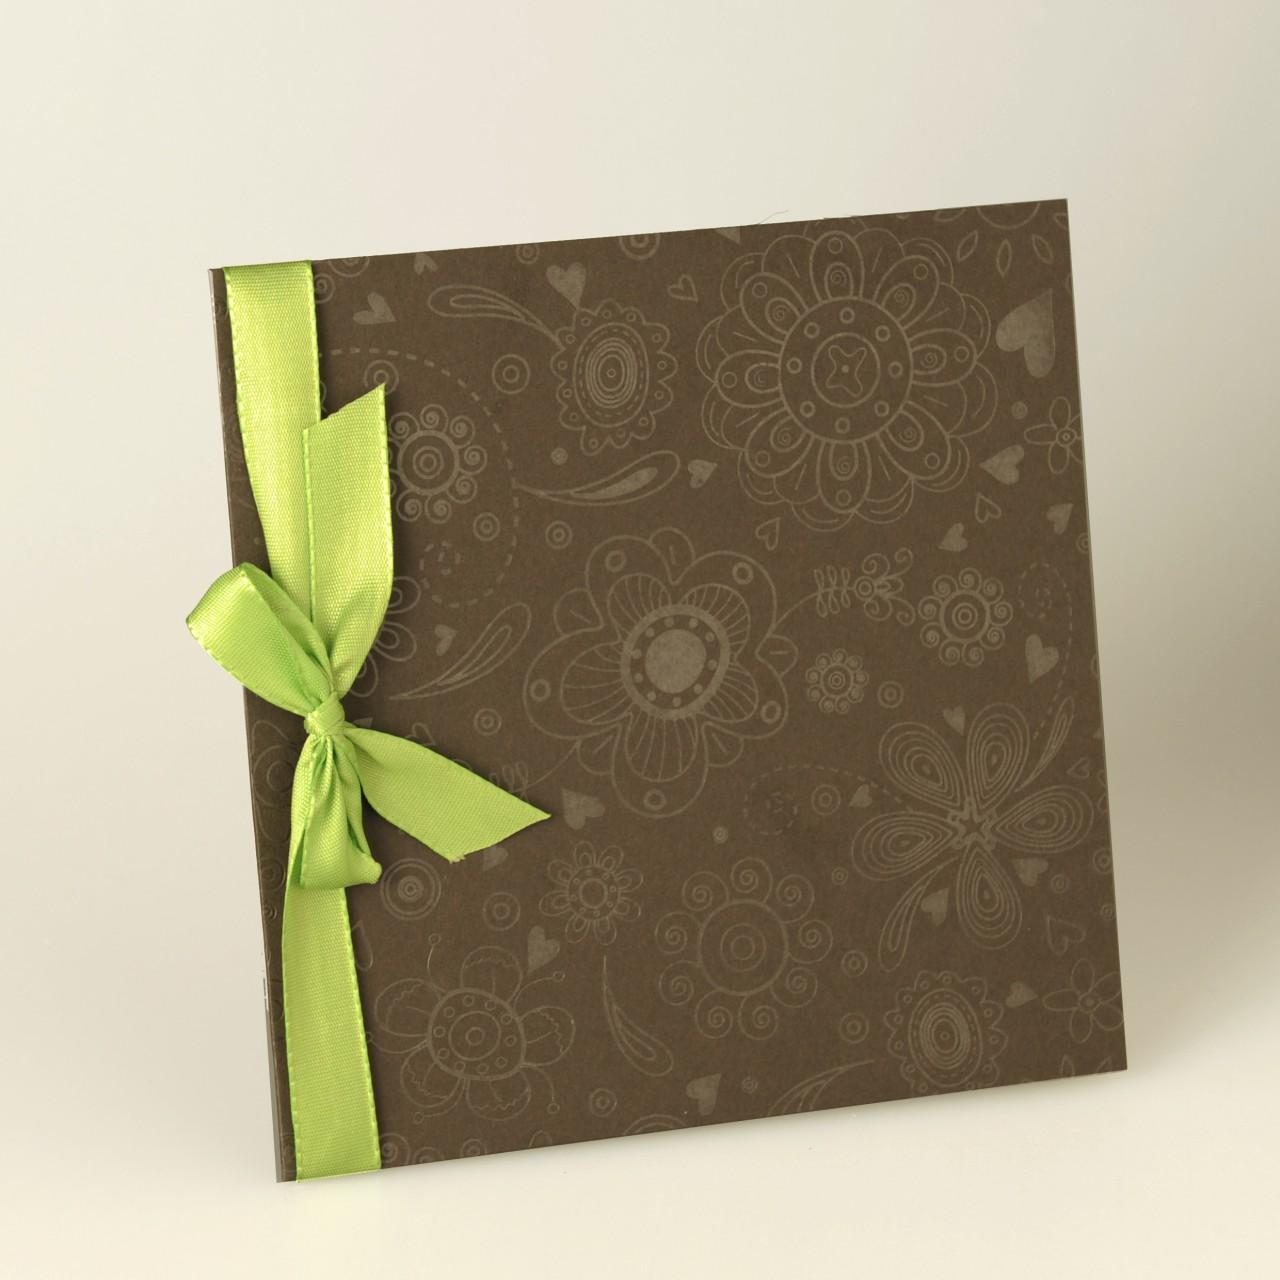 Braune quadratische Karte mit gedruckten Blumen und Herzen, grünes Satinband, Einlegeblatt grün, Kuvert creme.